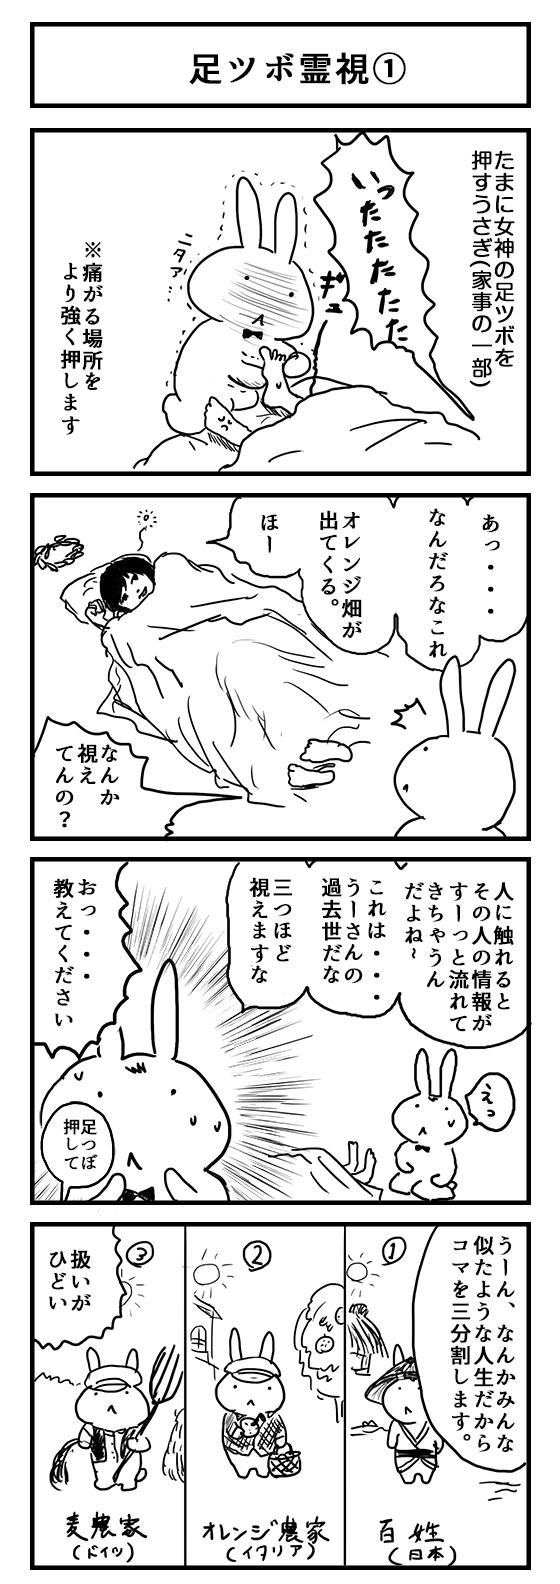 足ツボ霊視(うーさんのスピリチュアル漫画)